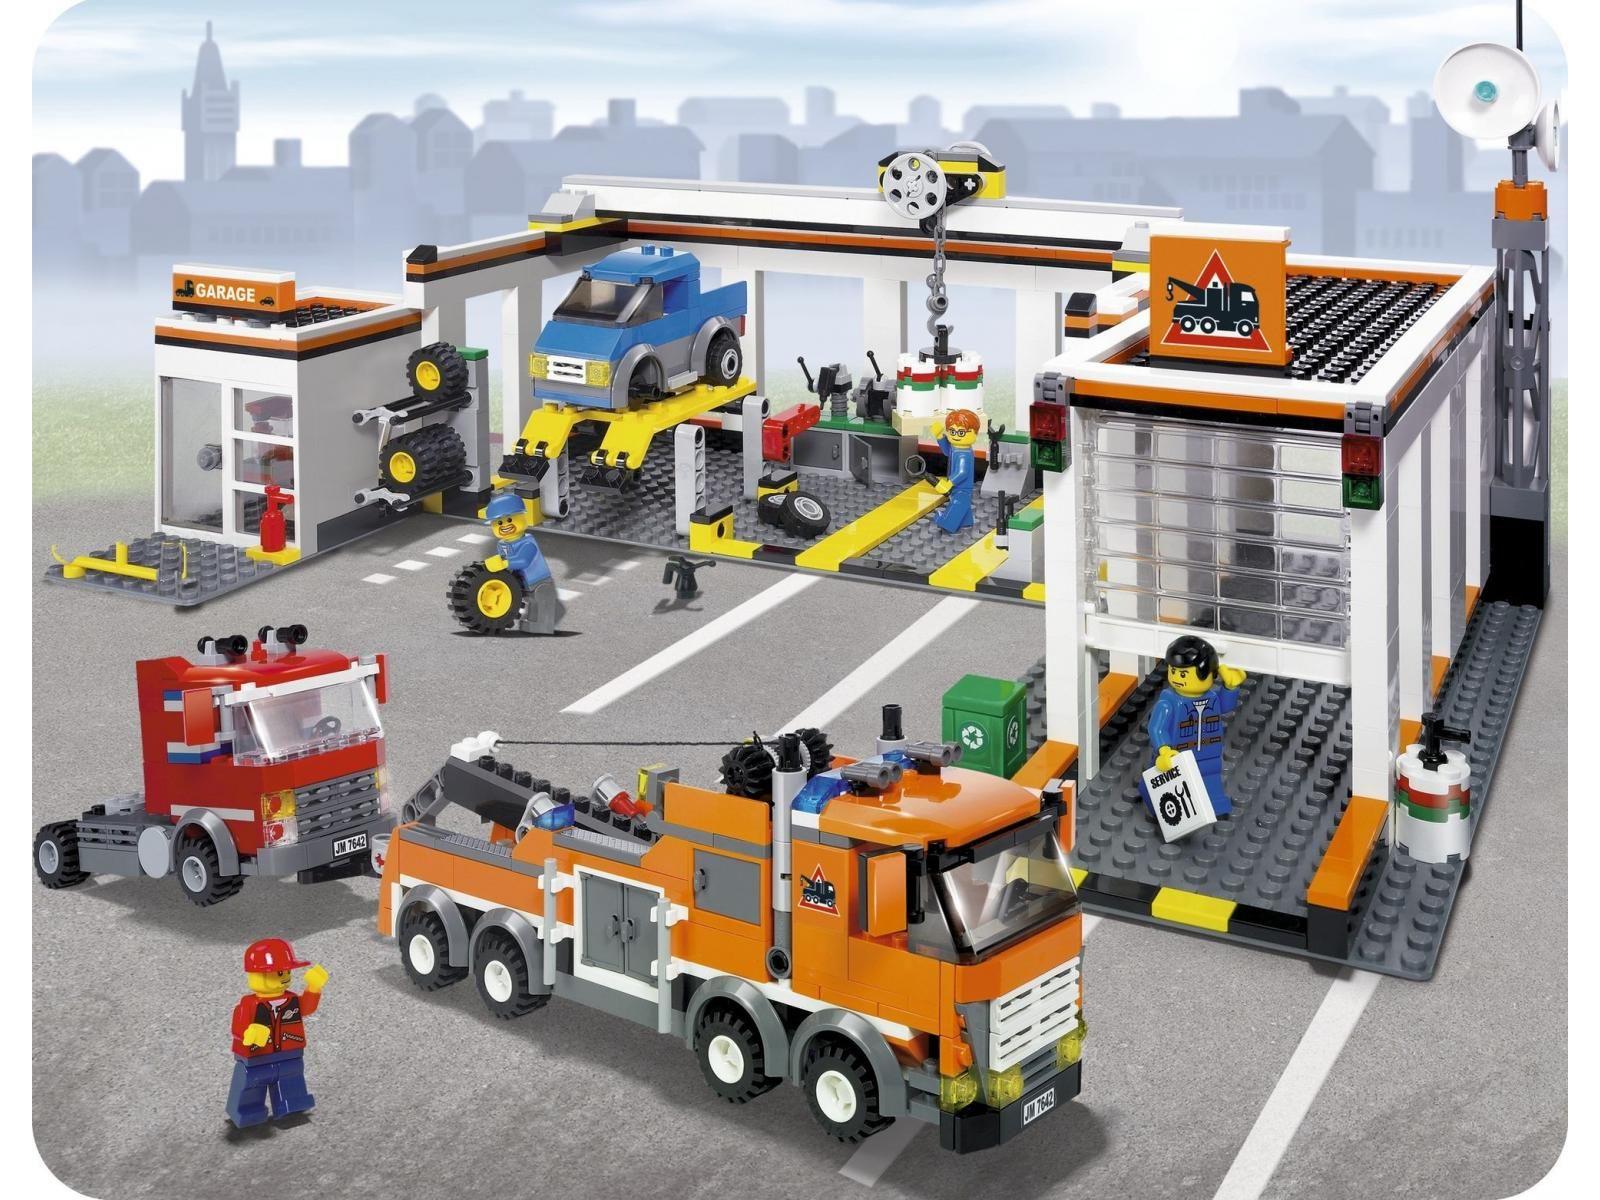 LEGO - 7642 - Le garage   Lego, Lego city, Garage